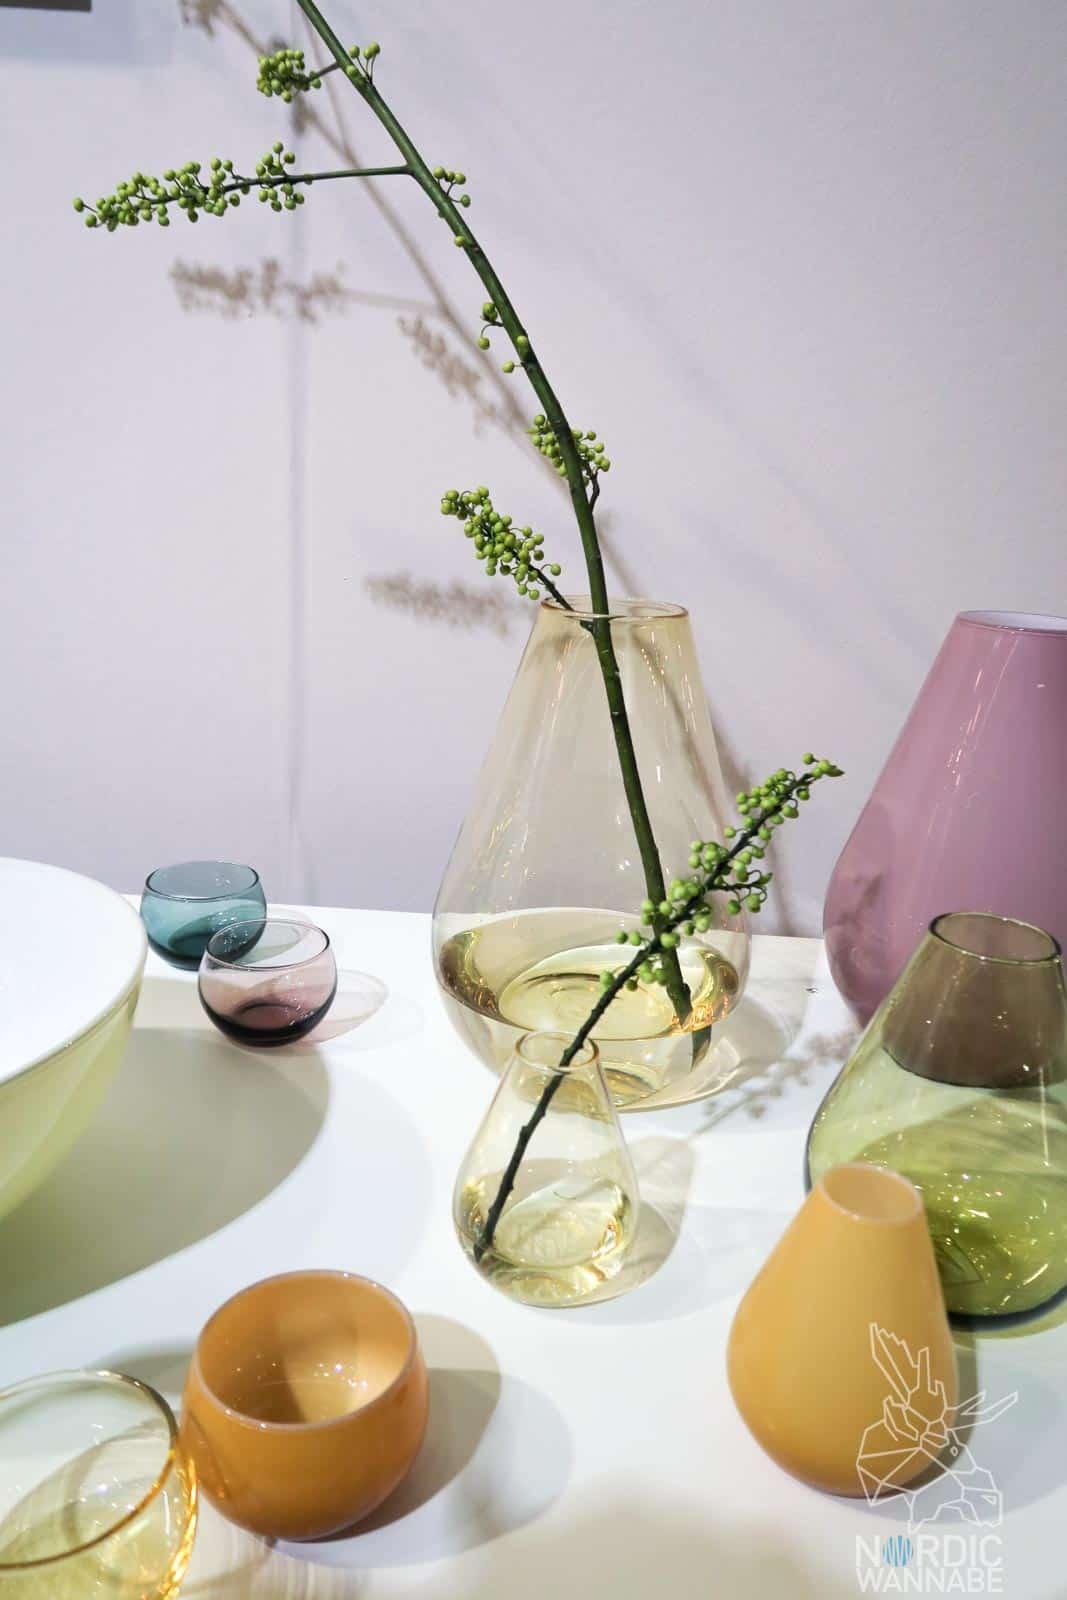 Skandinavisches Design, Norwegen Blog, Weihnachtsgeschirr, Hygge, Hammershøi, Ambiente, Frankfurt, Skandinavisch Wohnen, Norwegen, Wik Walsøe, Norwegisches Design